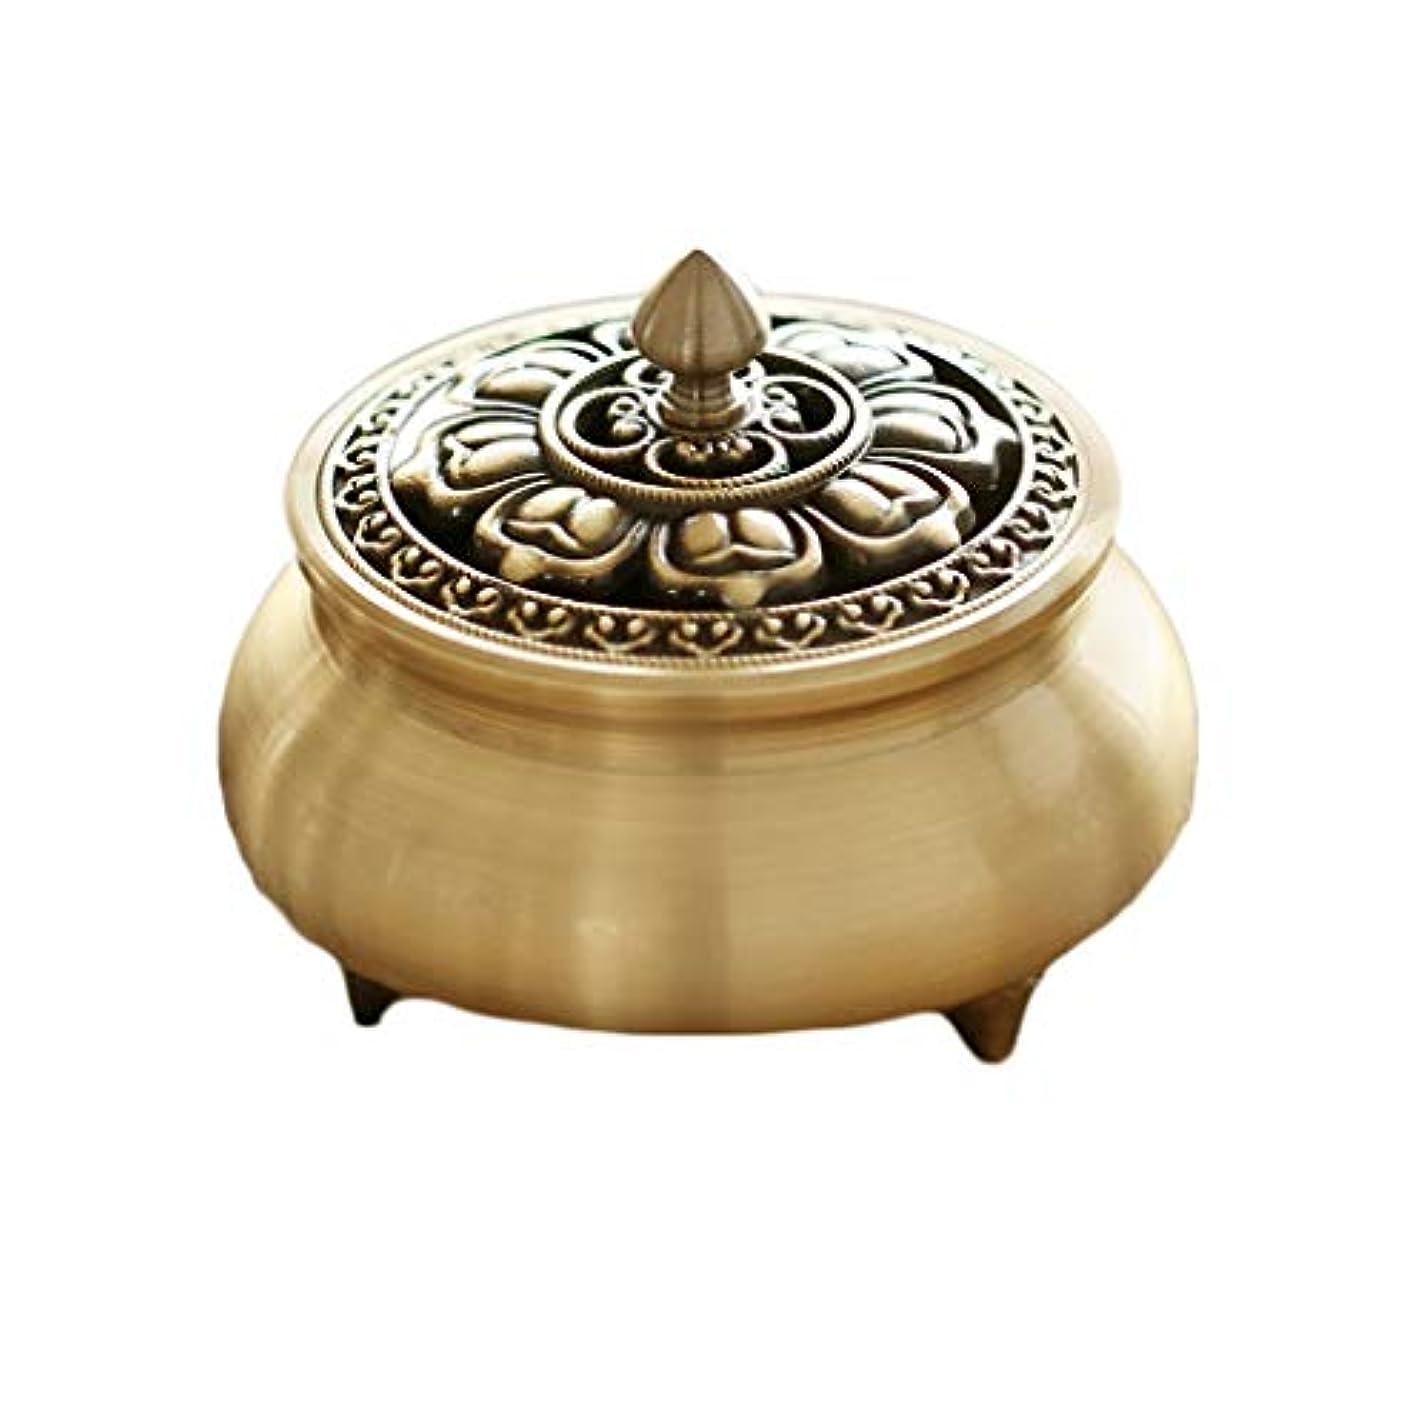 最少世代相談する芳香器?アロマバーナー 純粋な銅香炉ホームアンティーク白檀用仏寒天香炉香り装飾アロマセラピー炉 アロマバーナー (Color : Brass)